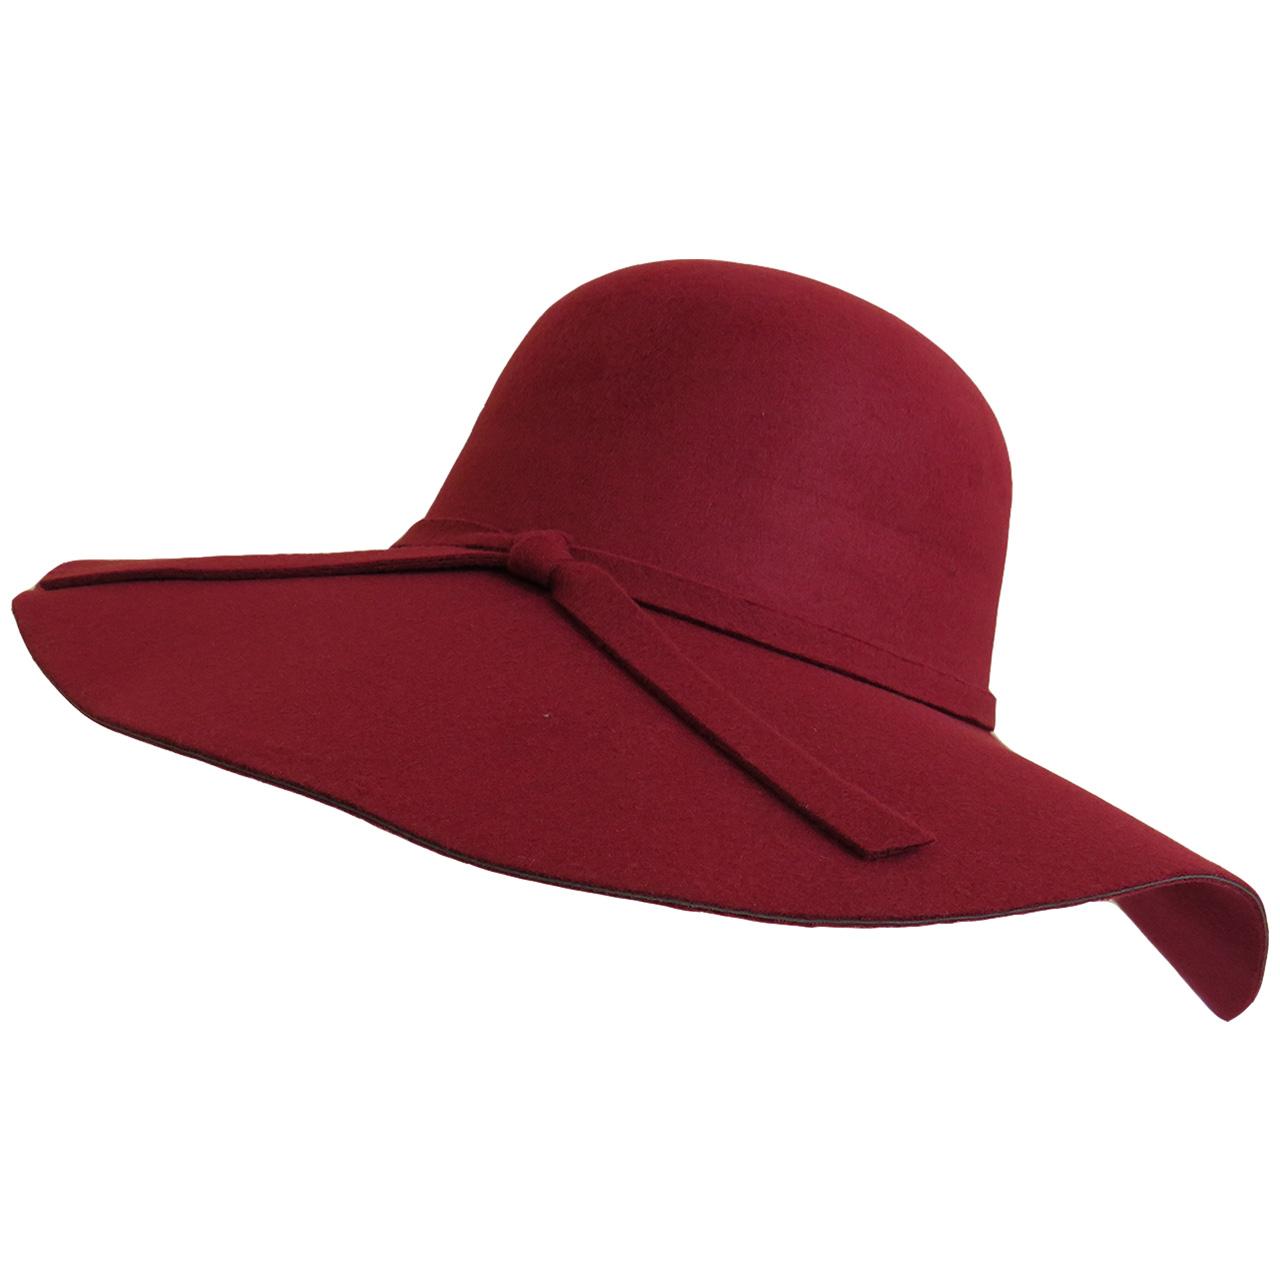 کلاه زنانه مدل شهرزاد کد 04 رنگ زرشکی